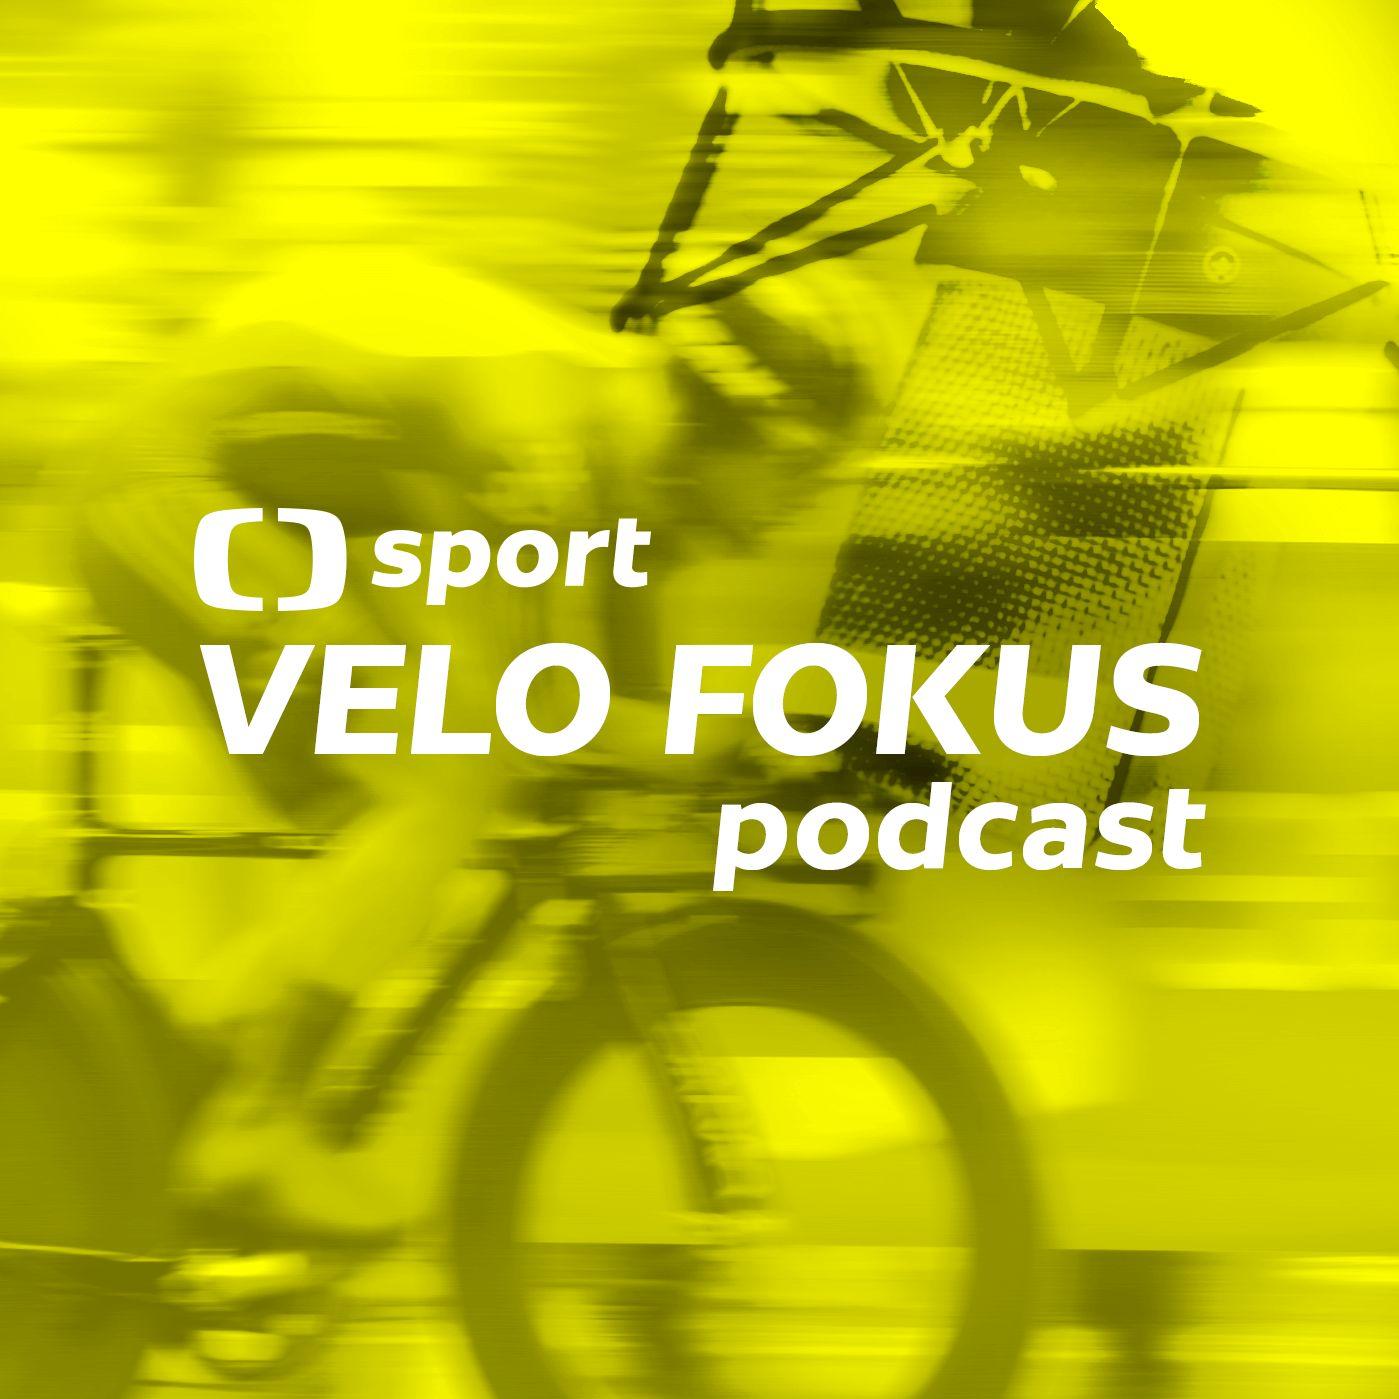 Velo fokus podcast: Kdo oblékne žlutou a co nás čeká na Tour de France?